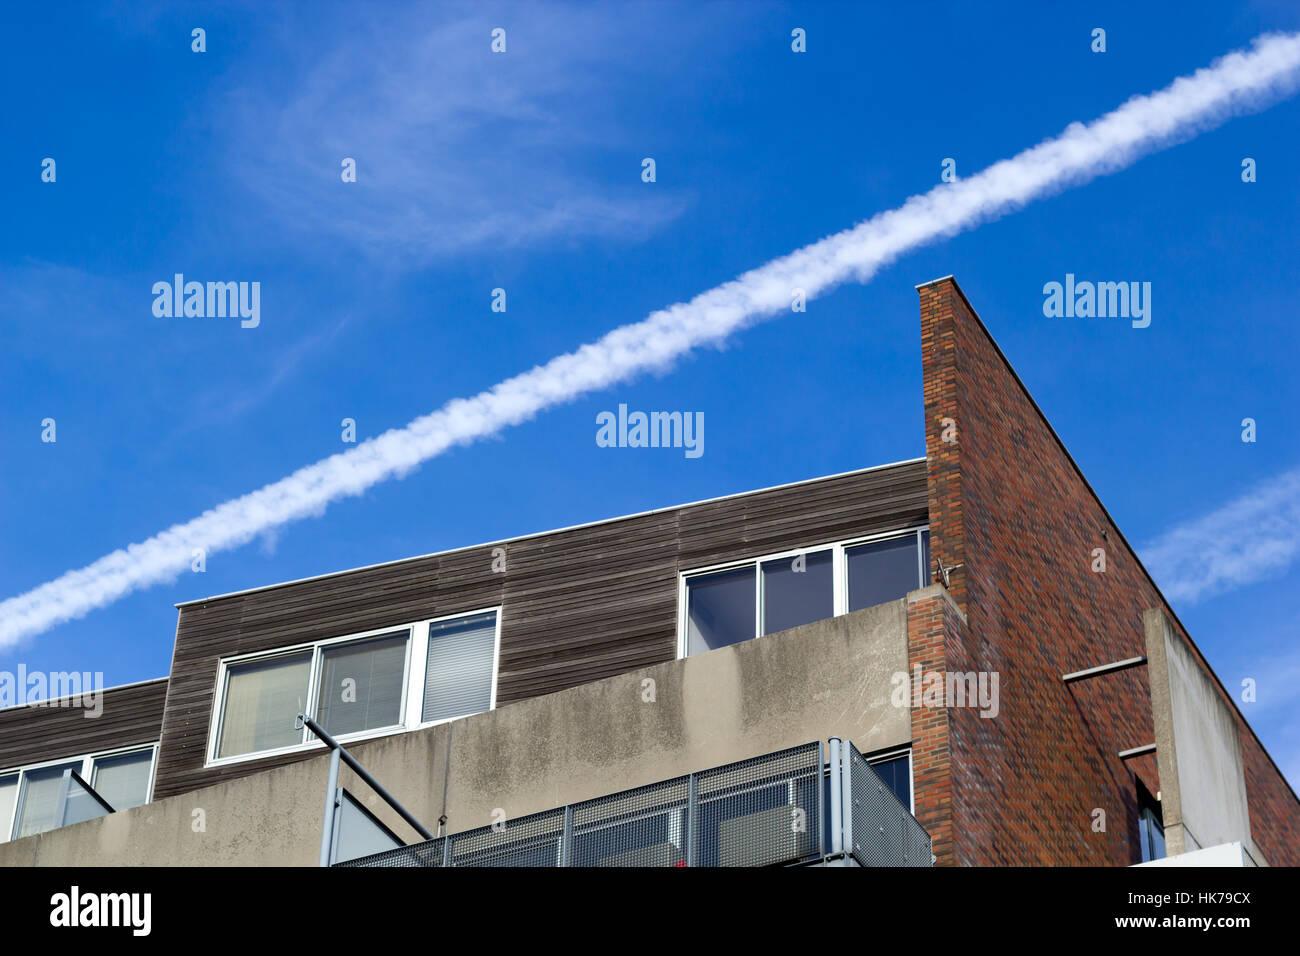 Amsterdam, Holanda - 20 de enero de 2017: aviones vapor trail en un bloque de apartamentos Imagen De Stock